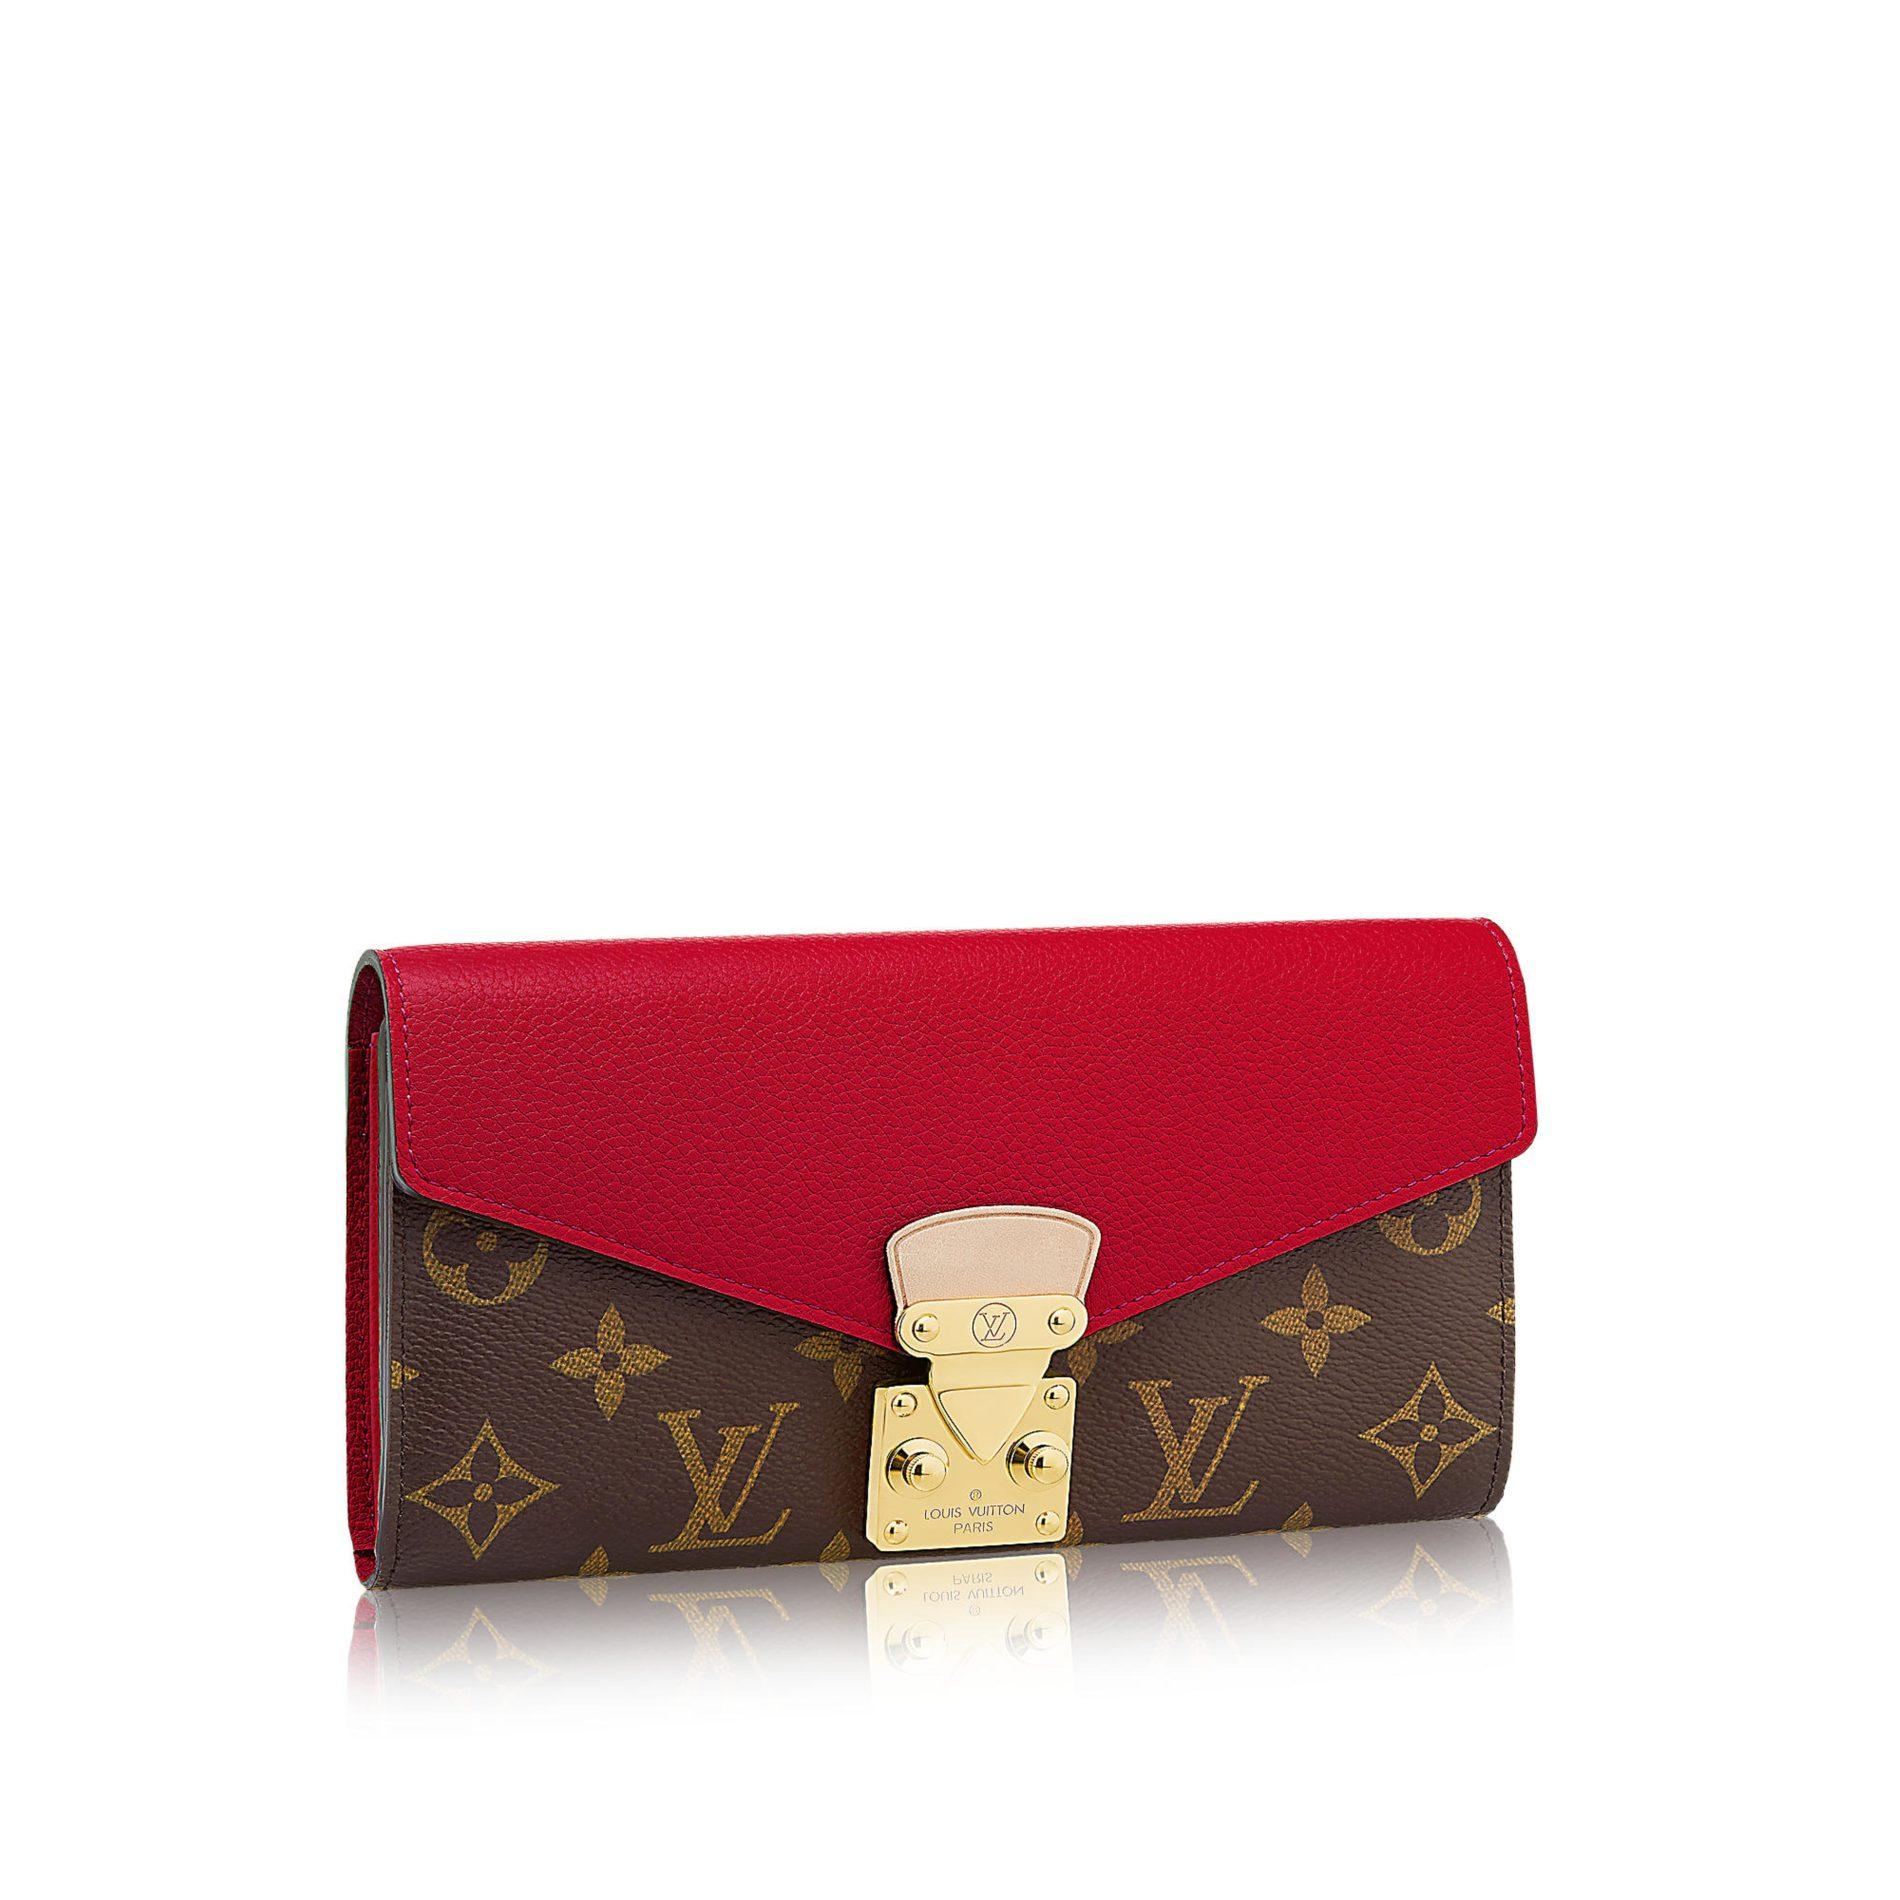 LO NUEVO DE Louis Vuitton PARA AMOR Y AMISTAD